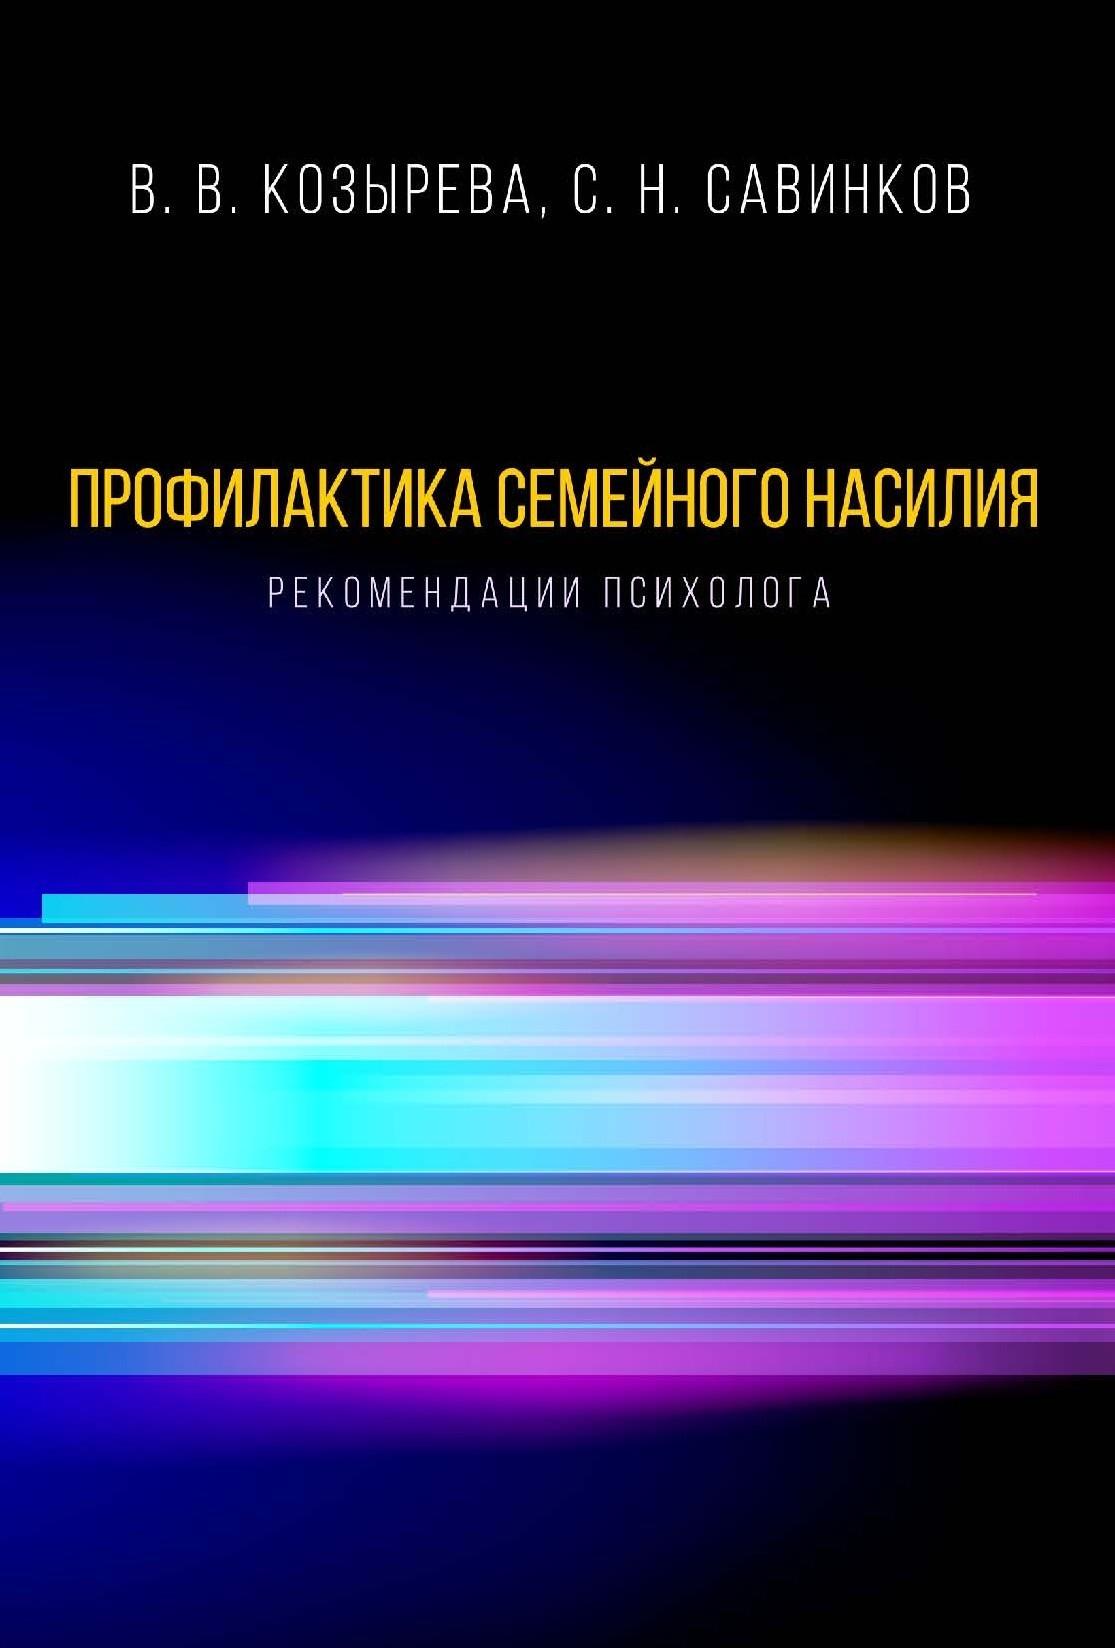 В. В. Козырева. Профилактика семейного насилия. Рекомендации психолога